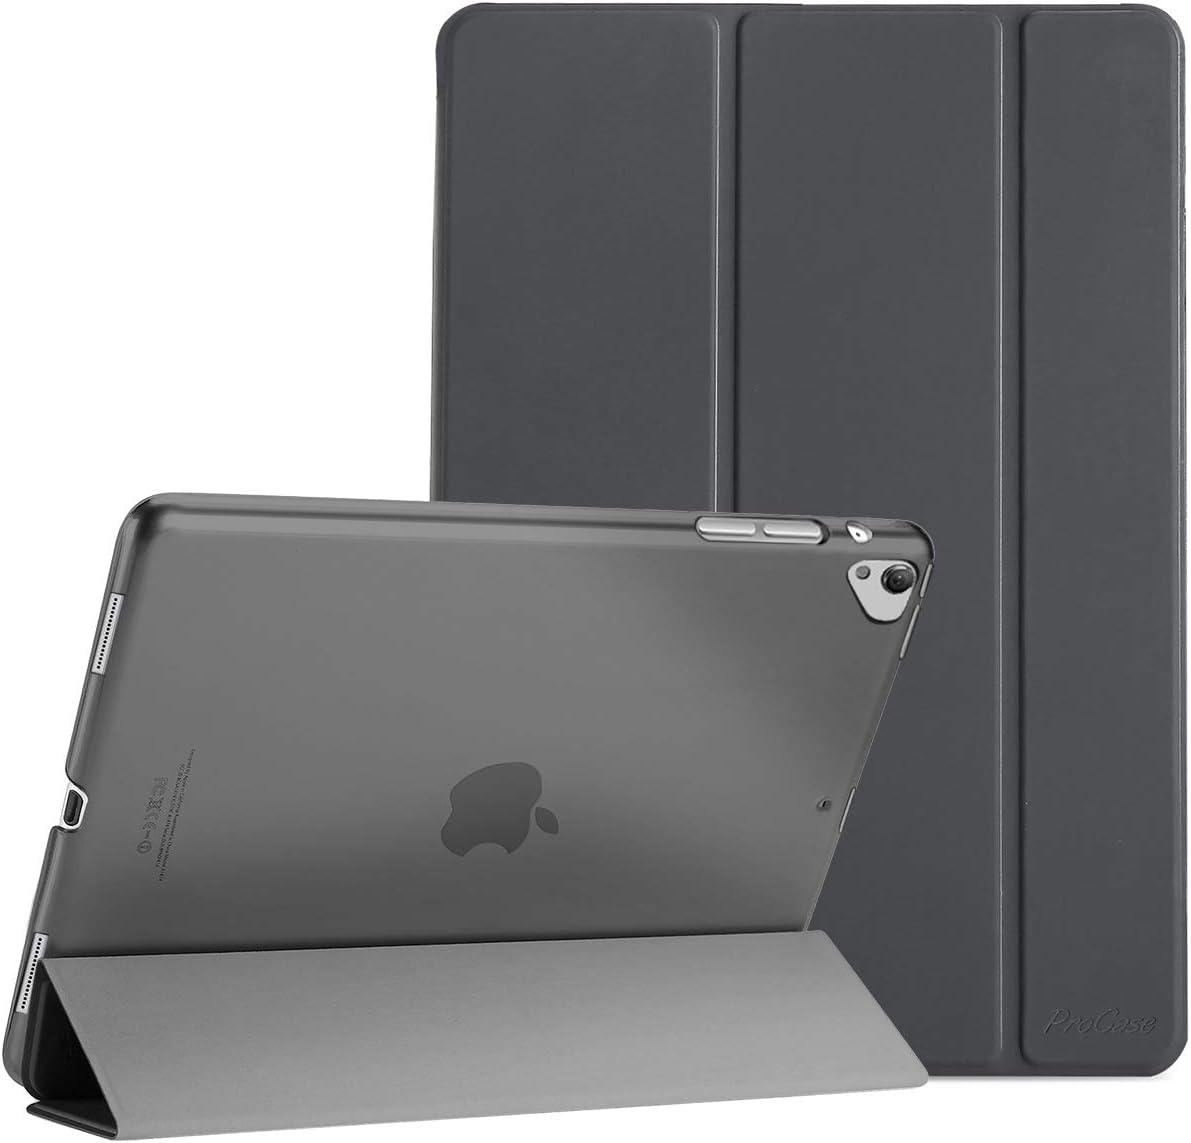 ProCase Funda Inteligente para iPad Pro 12.9